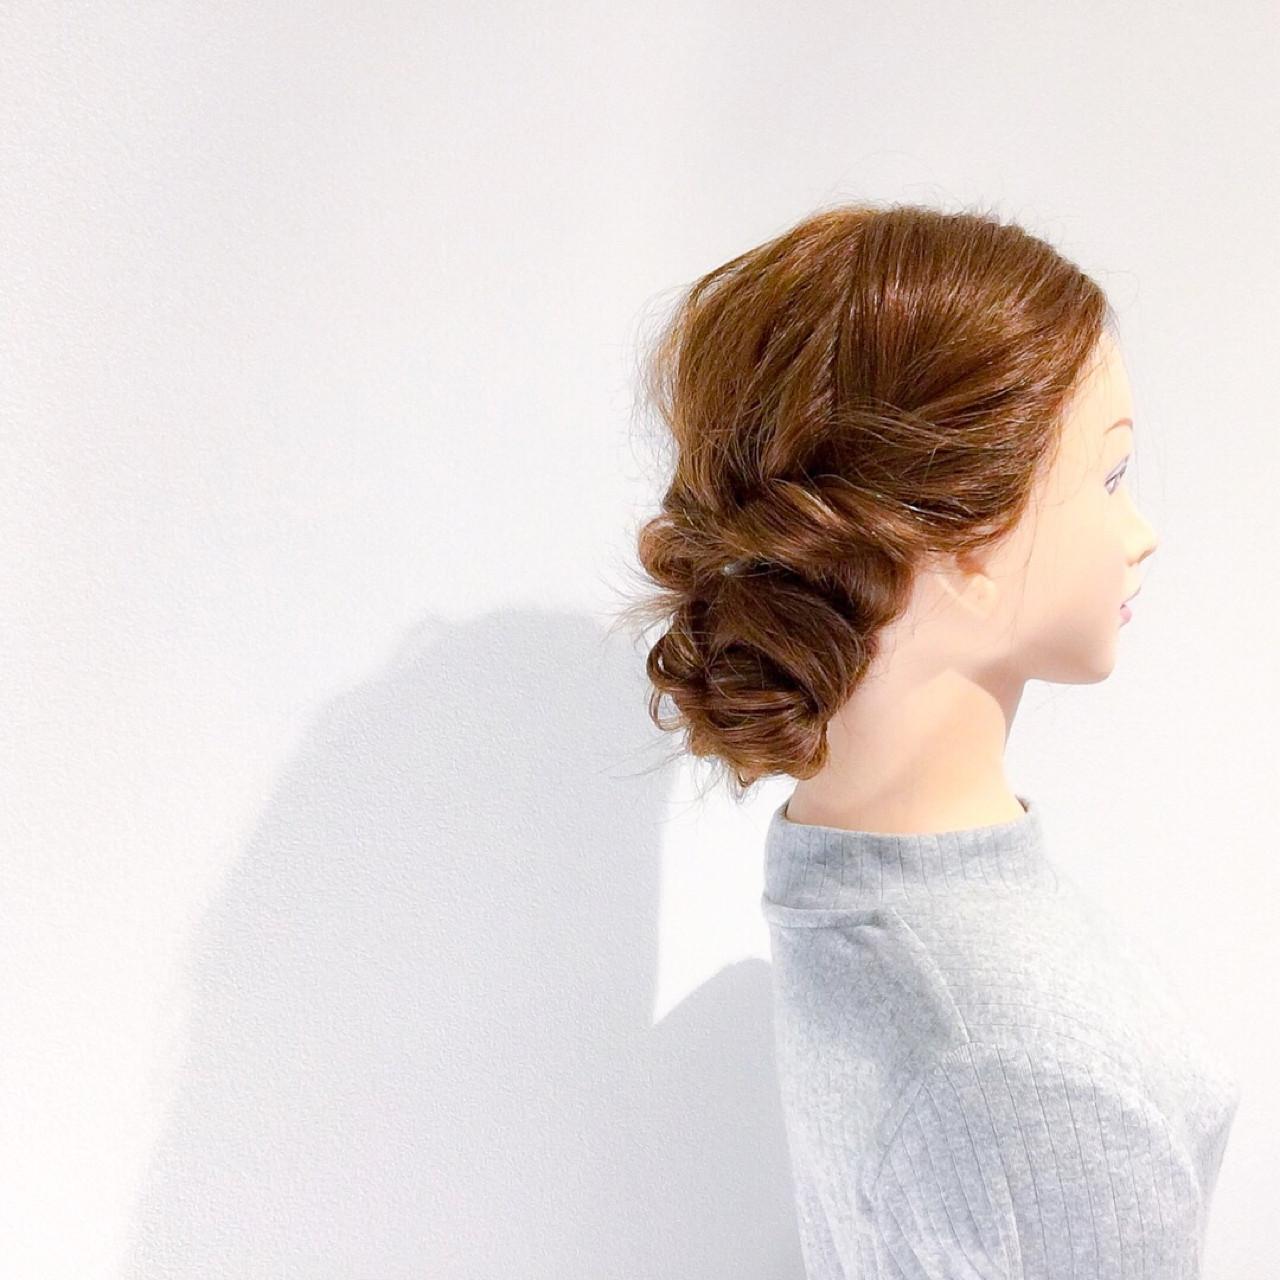 エレガント 結婚式 簡単ヘアアレンジ デート ヘアスタイルや髪型の写真・画像 | 美容師HIRO/Amoute代表 / Amoute/アムティ